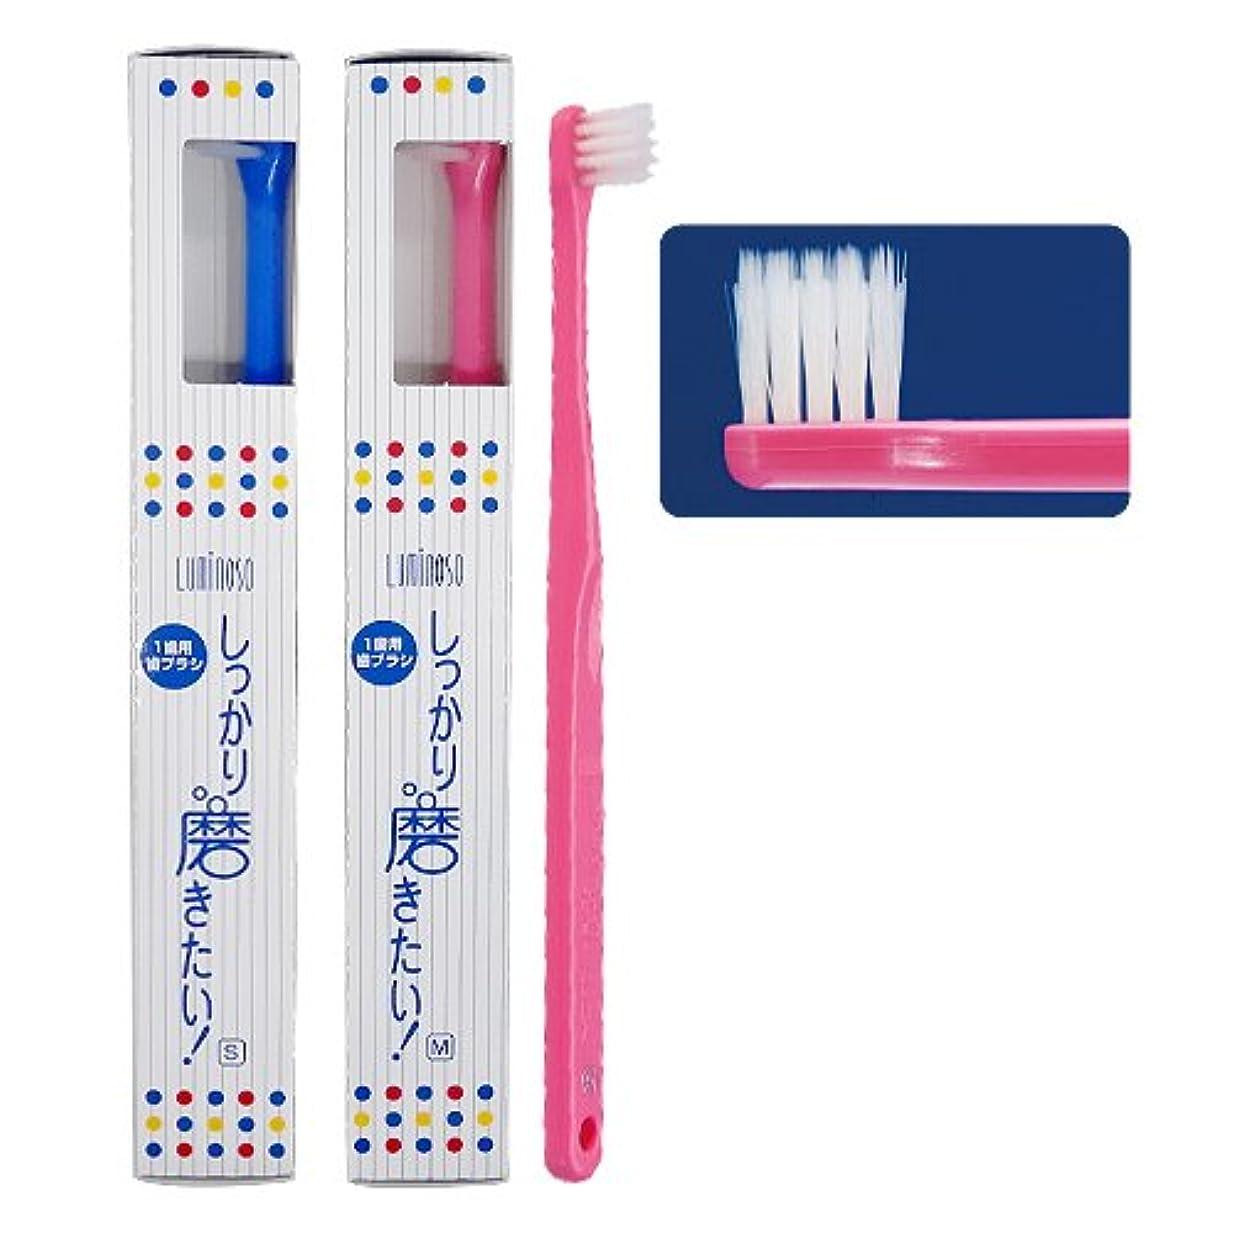 債務正確アデレードルミノソ 1歯用歯ブラシ「しっかり磨きたい!」スタンダード ソフト